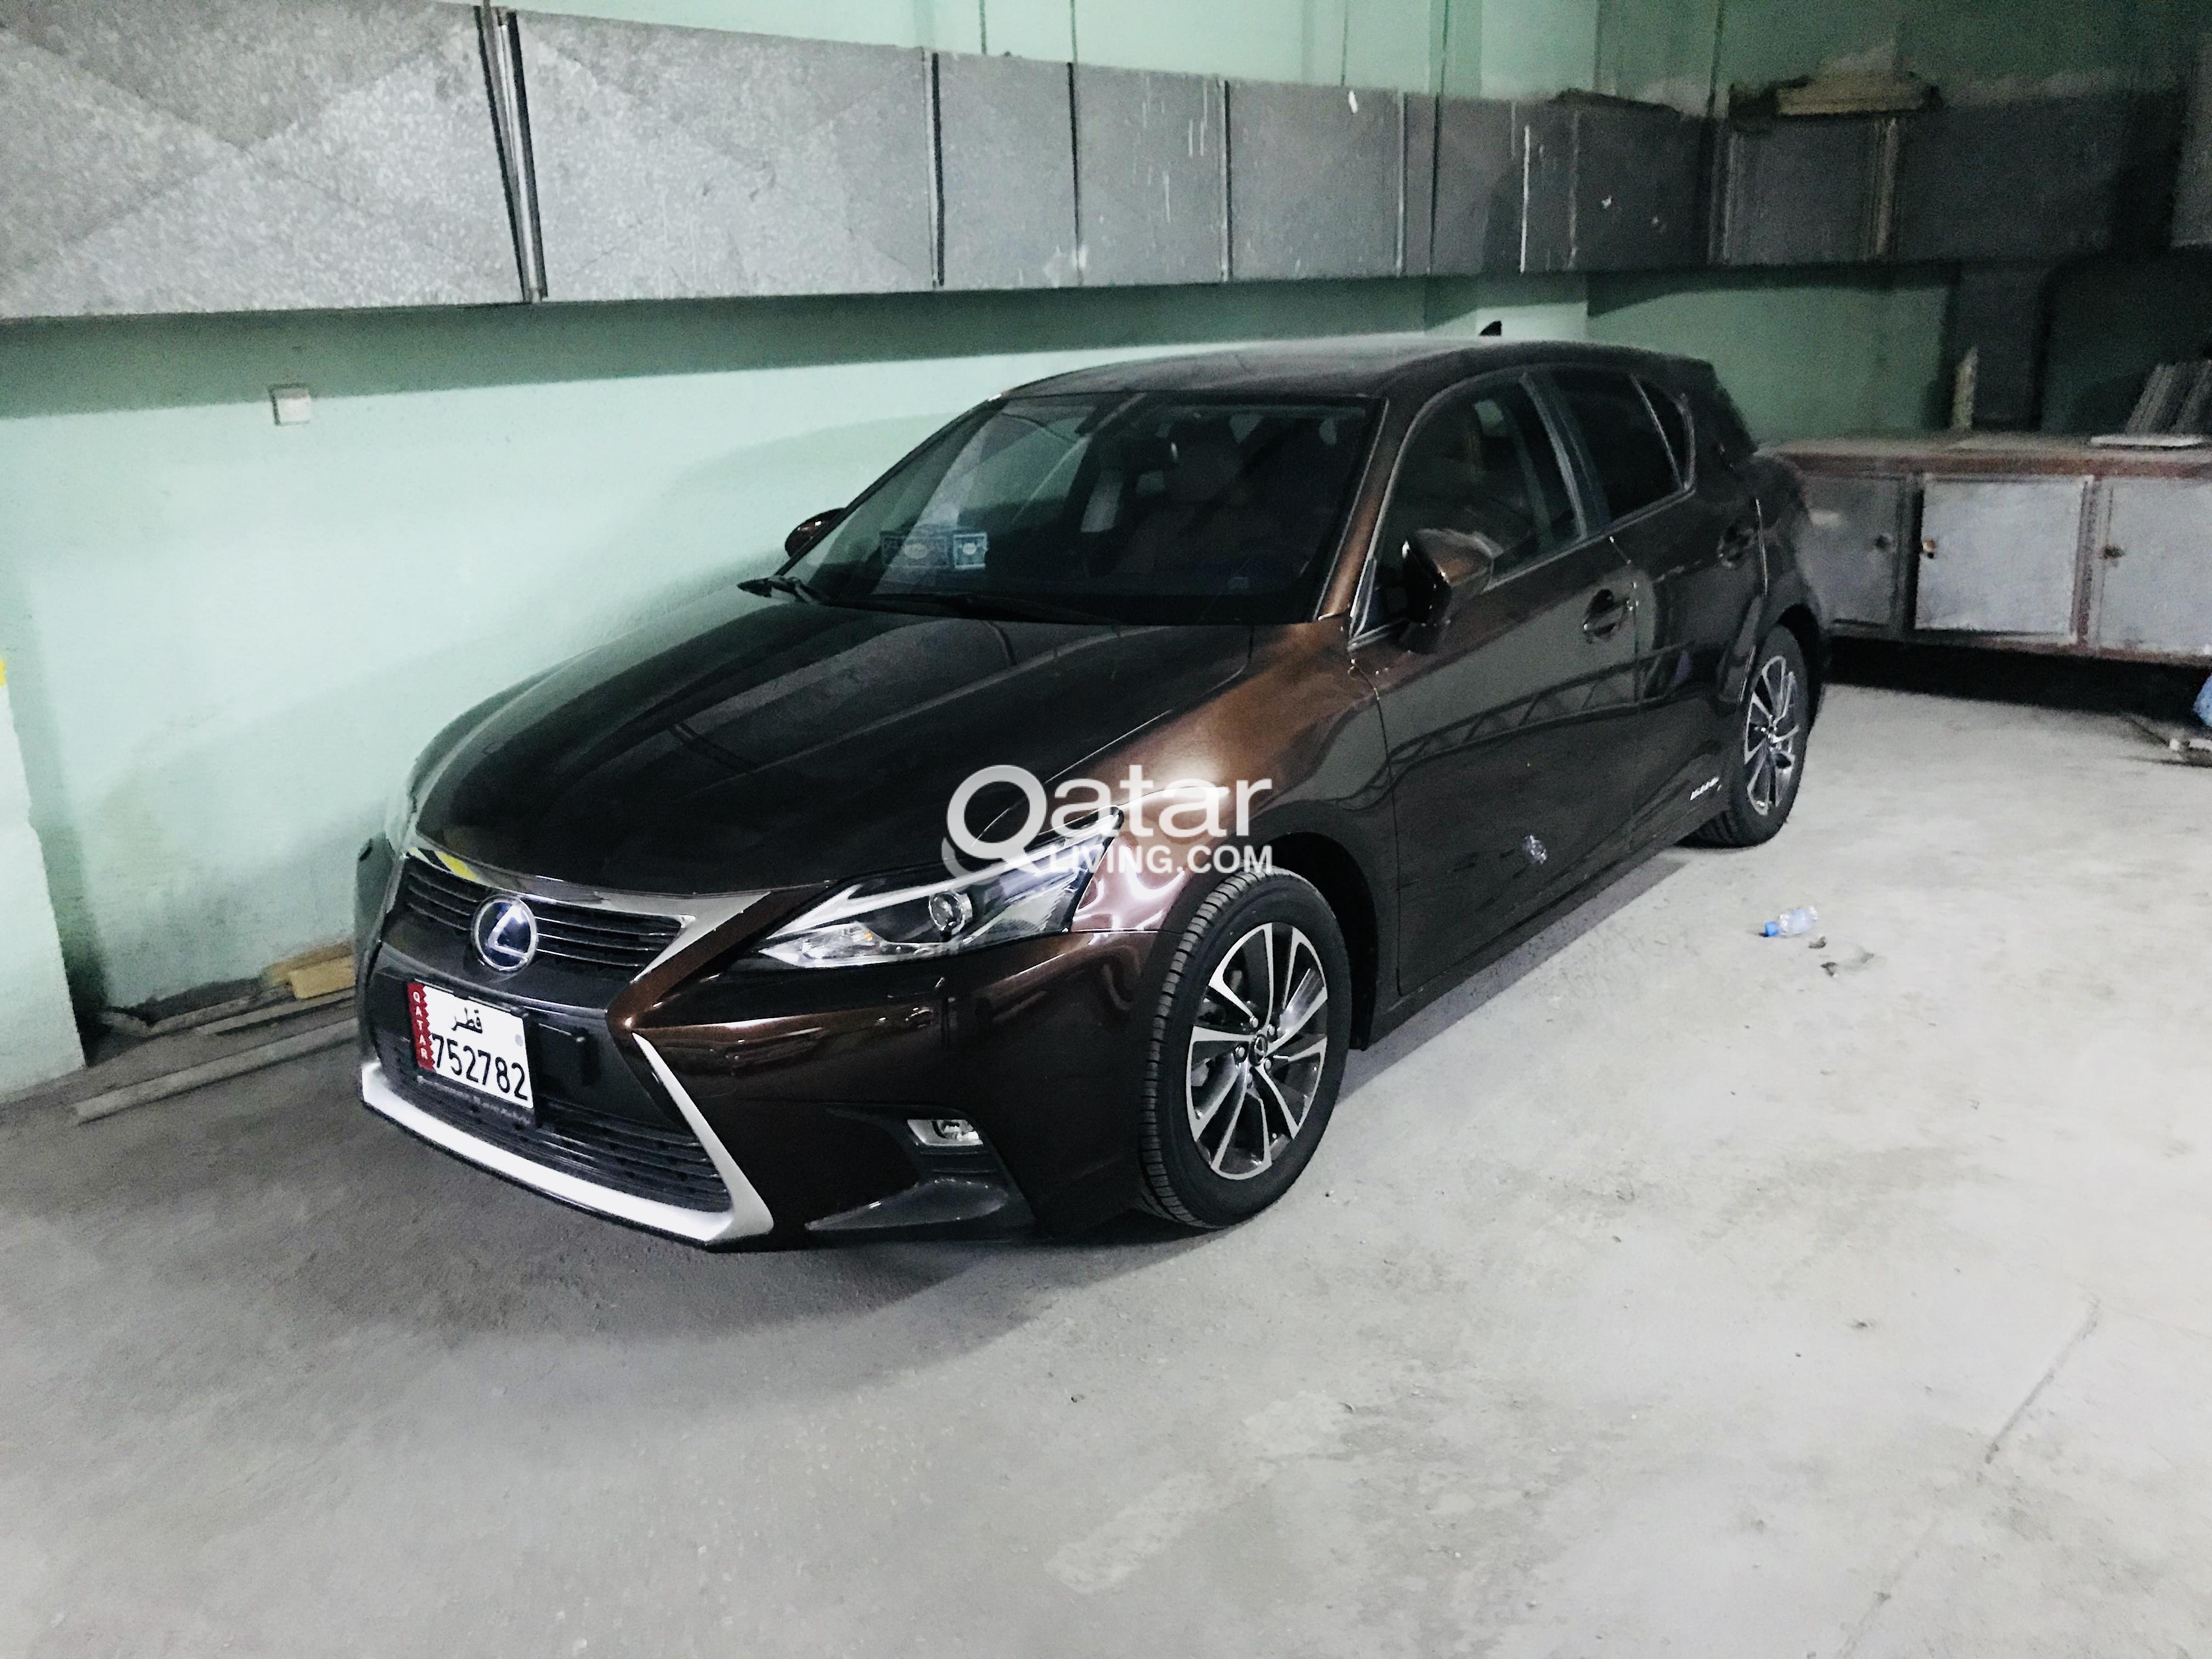 hybrid new shanghaimotorshow sedan models redesigned edmonton es all lexus